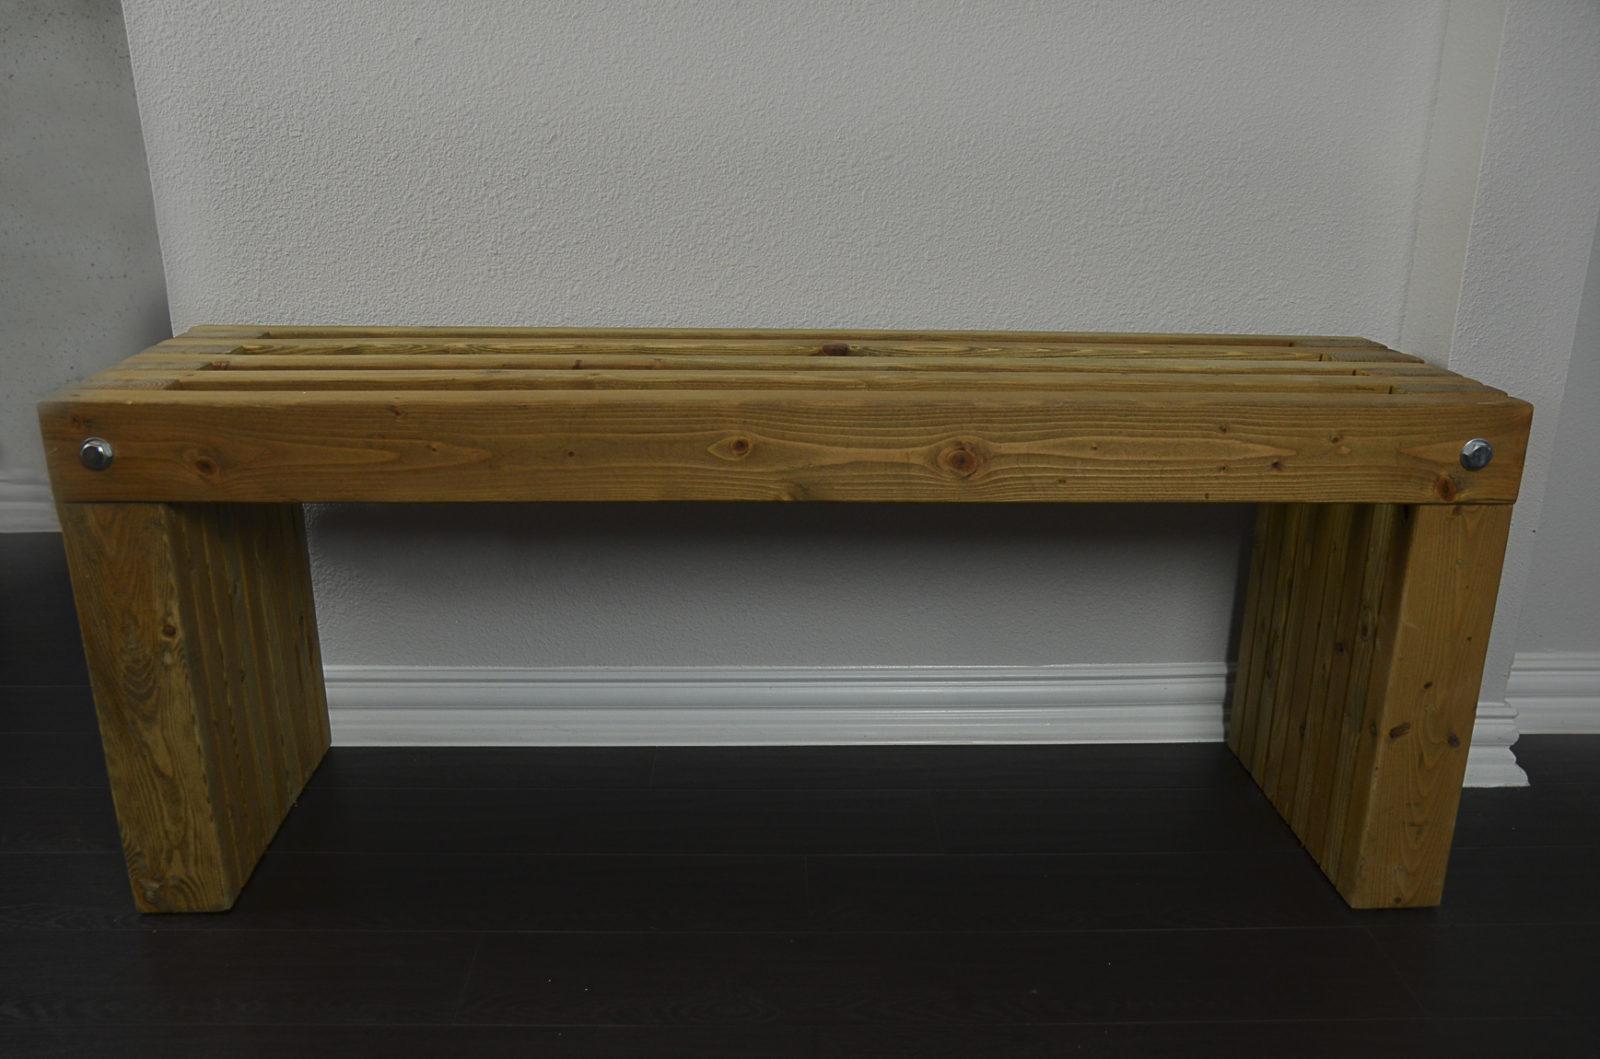 Bench2-1